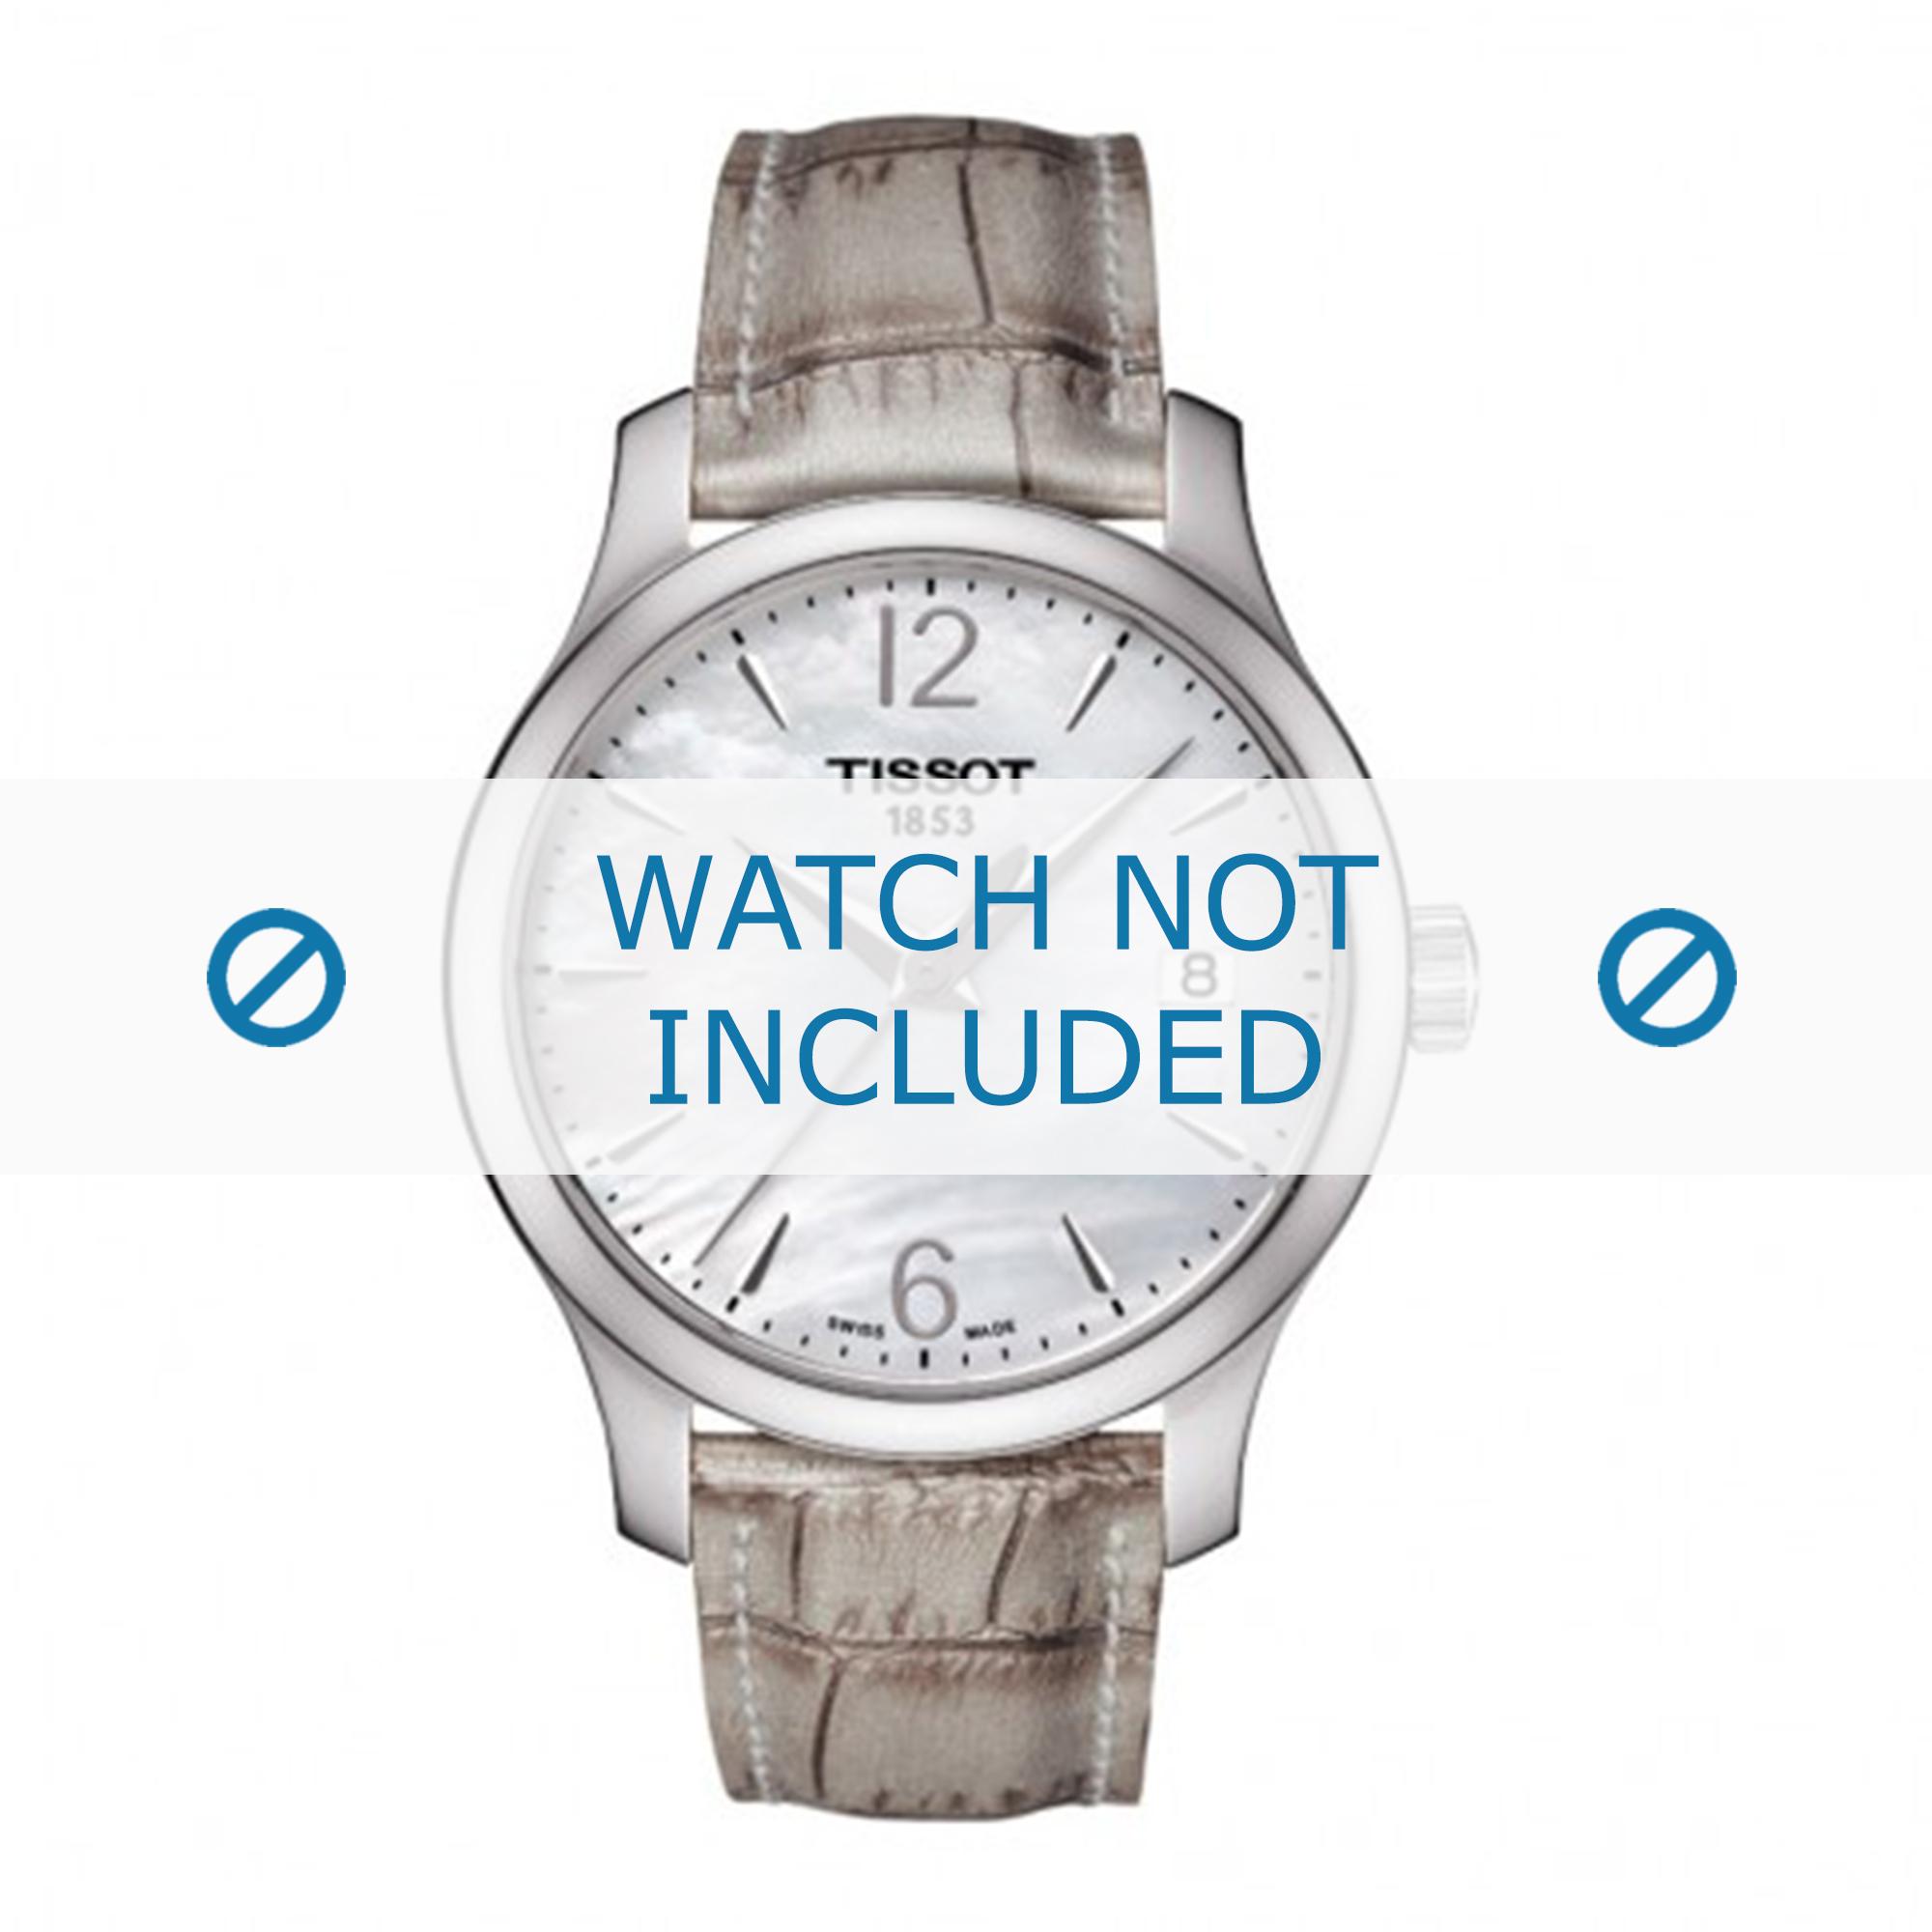 Tissot horlogeband T063.210.17.117.00 Leder Beige 16mm + standaard stiksel